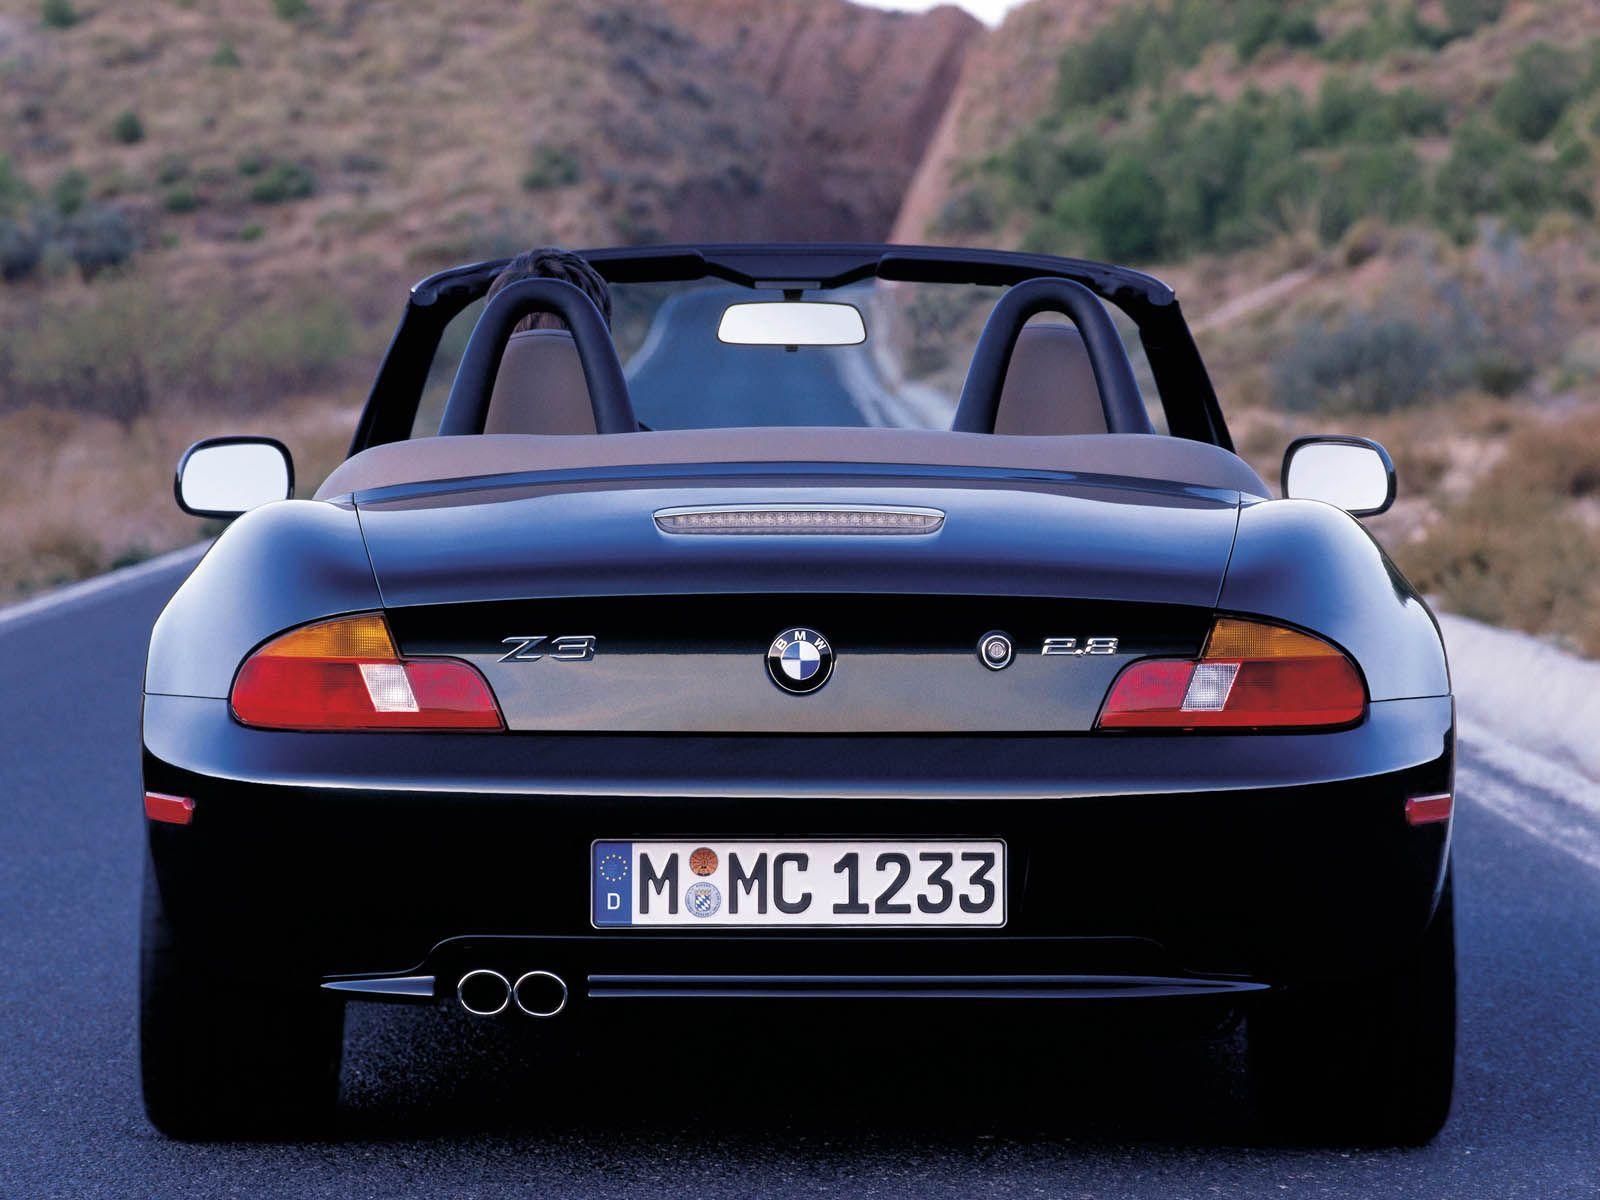 Bmw z3 boyfriends car 333